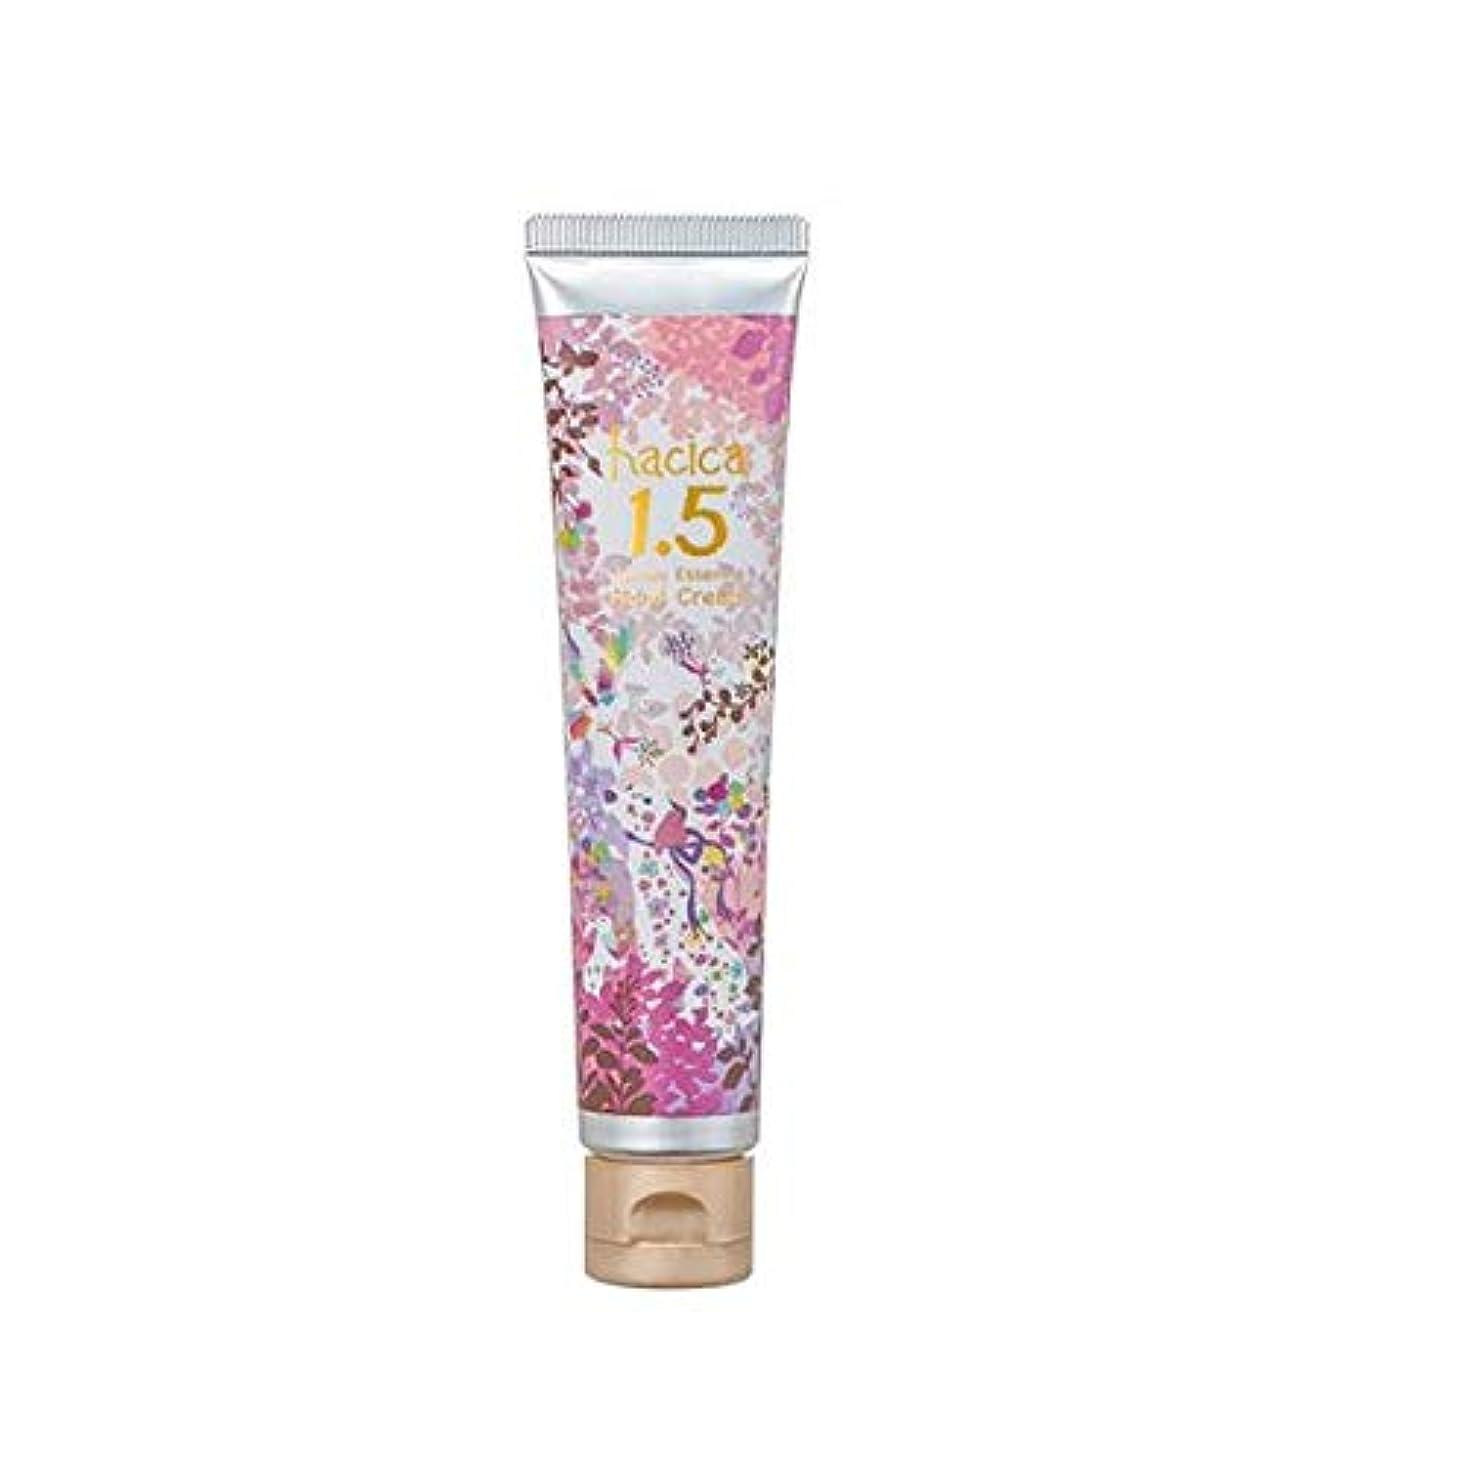 酸化するきらめくファンタジーハチカ ハニーエッセンス ハンドクリーム 1.5 フルーティハニーの香り 40g